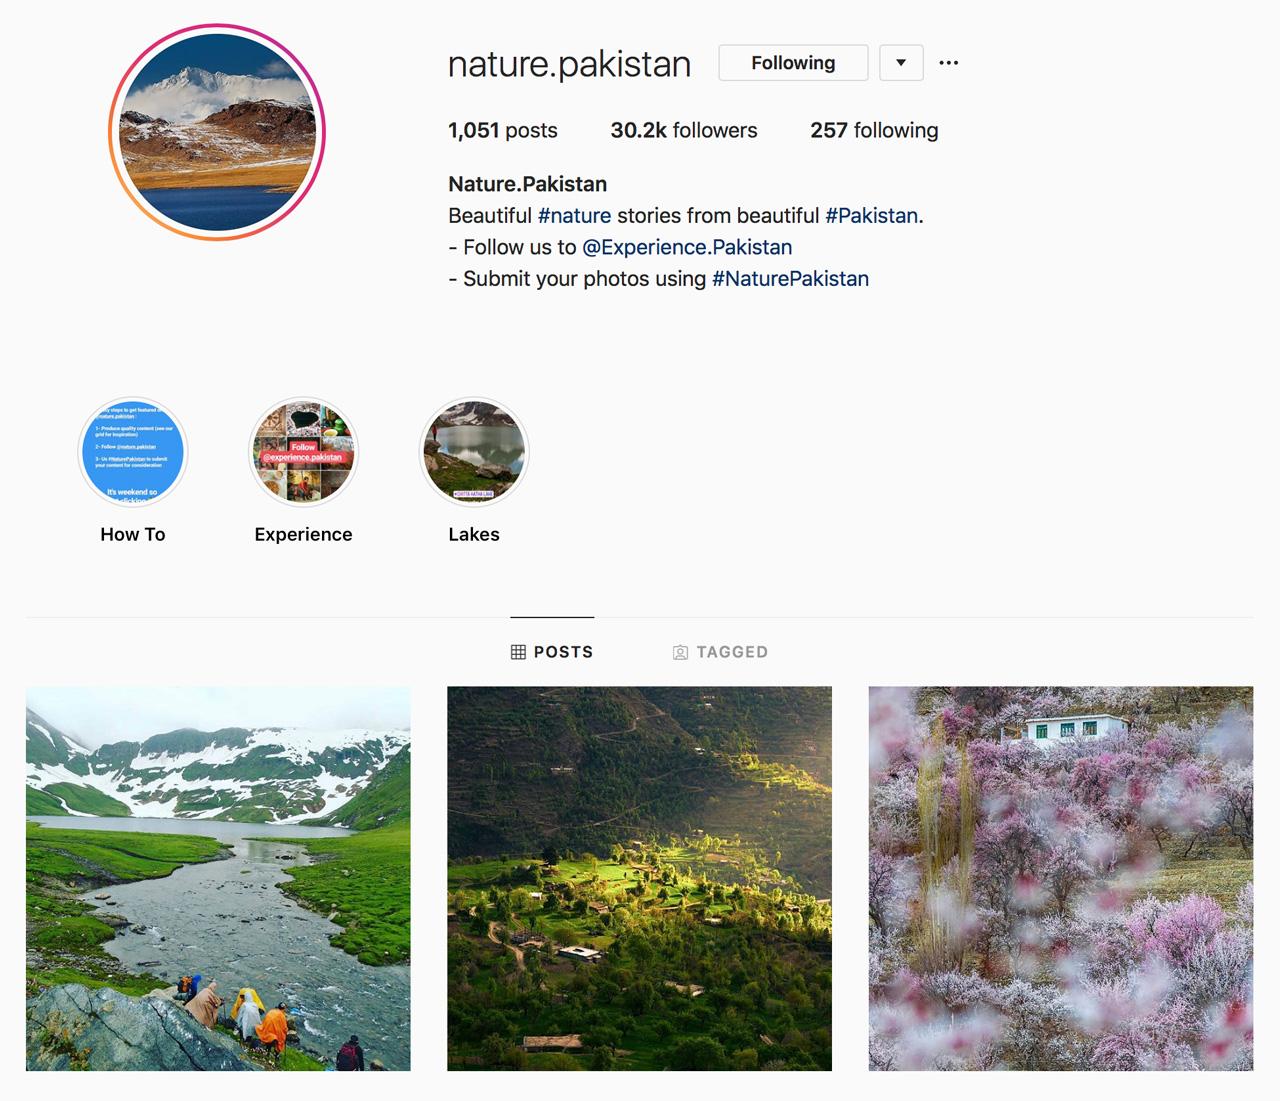 Nature.Pakistan on Instagram